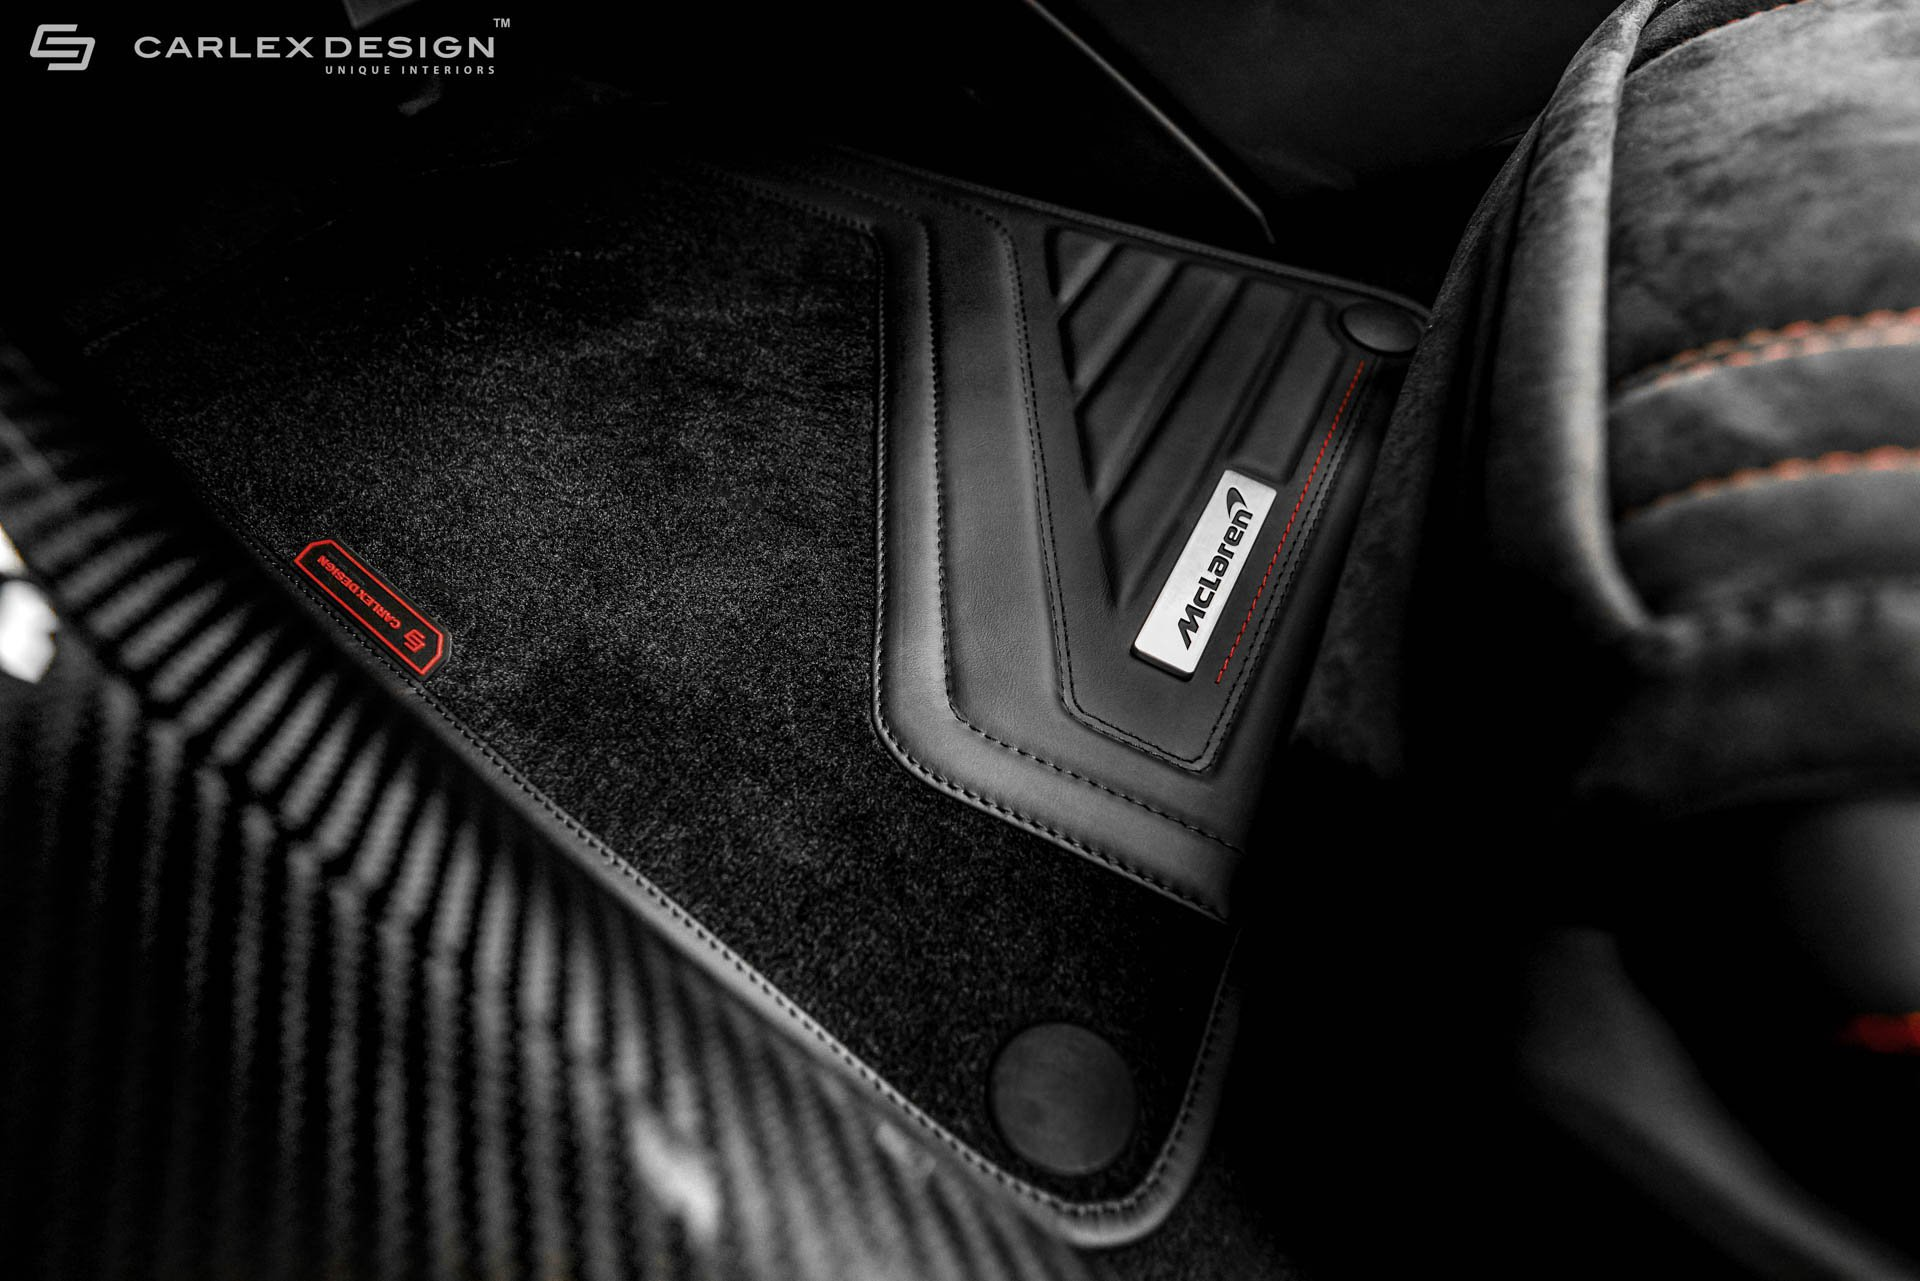 McLaren_720S_Carlex_design_0015